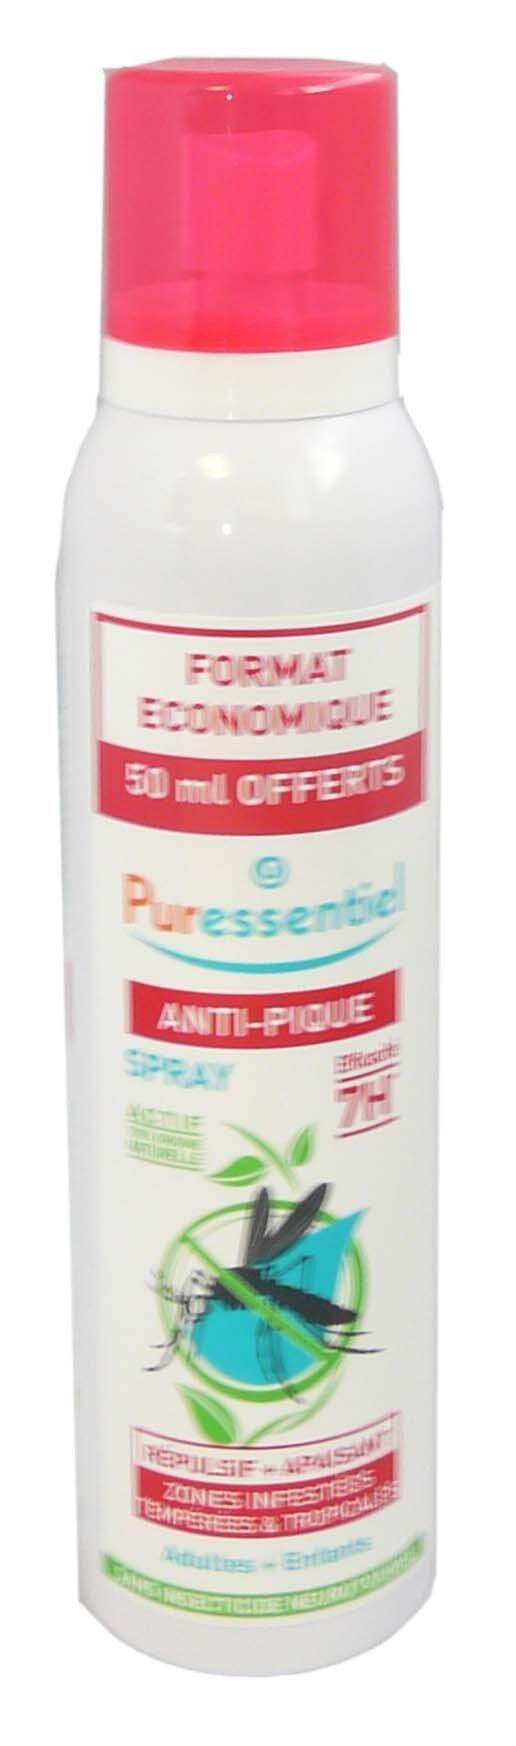 Puressentiel anti pique spray 200ml